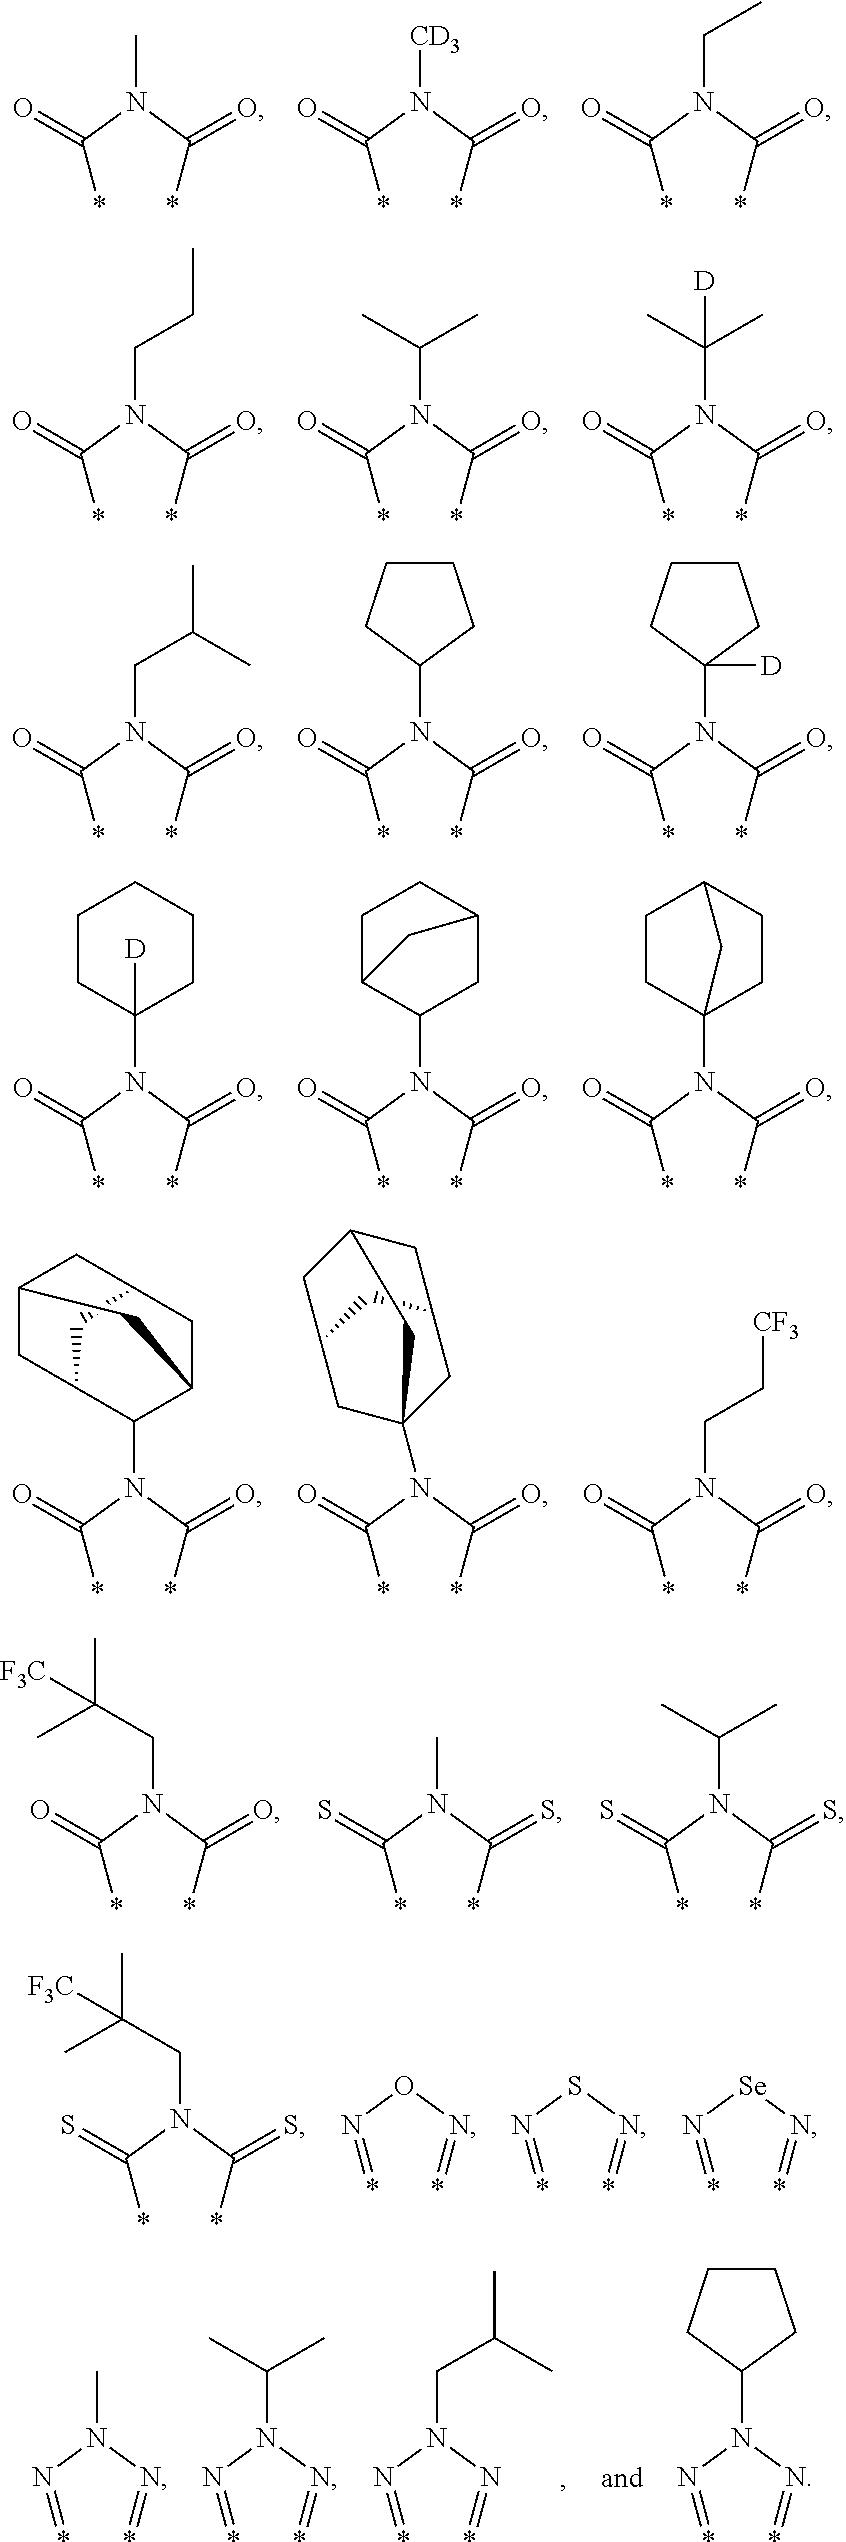 Figure US09929360-20180327-C00192